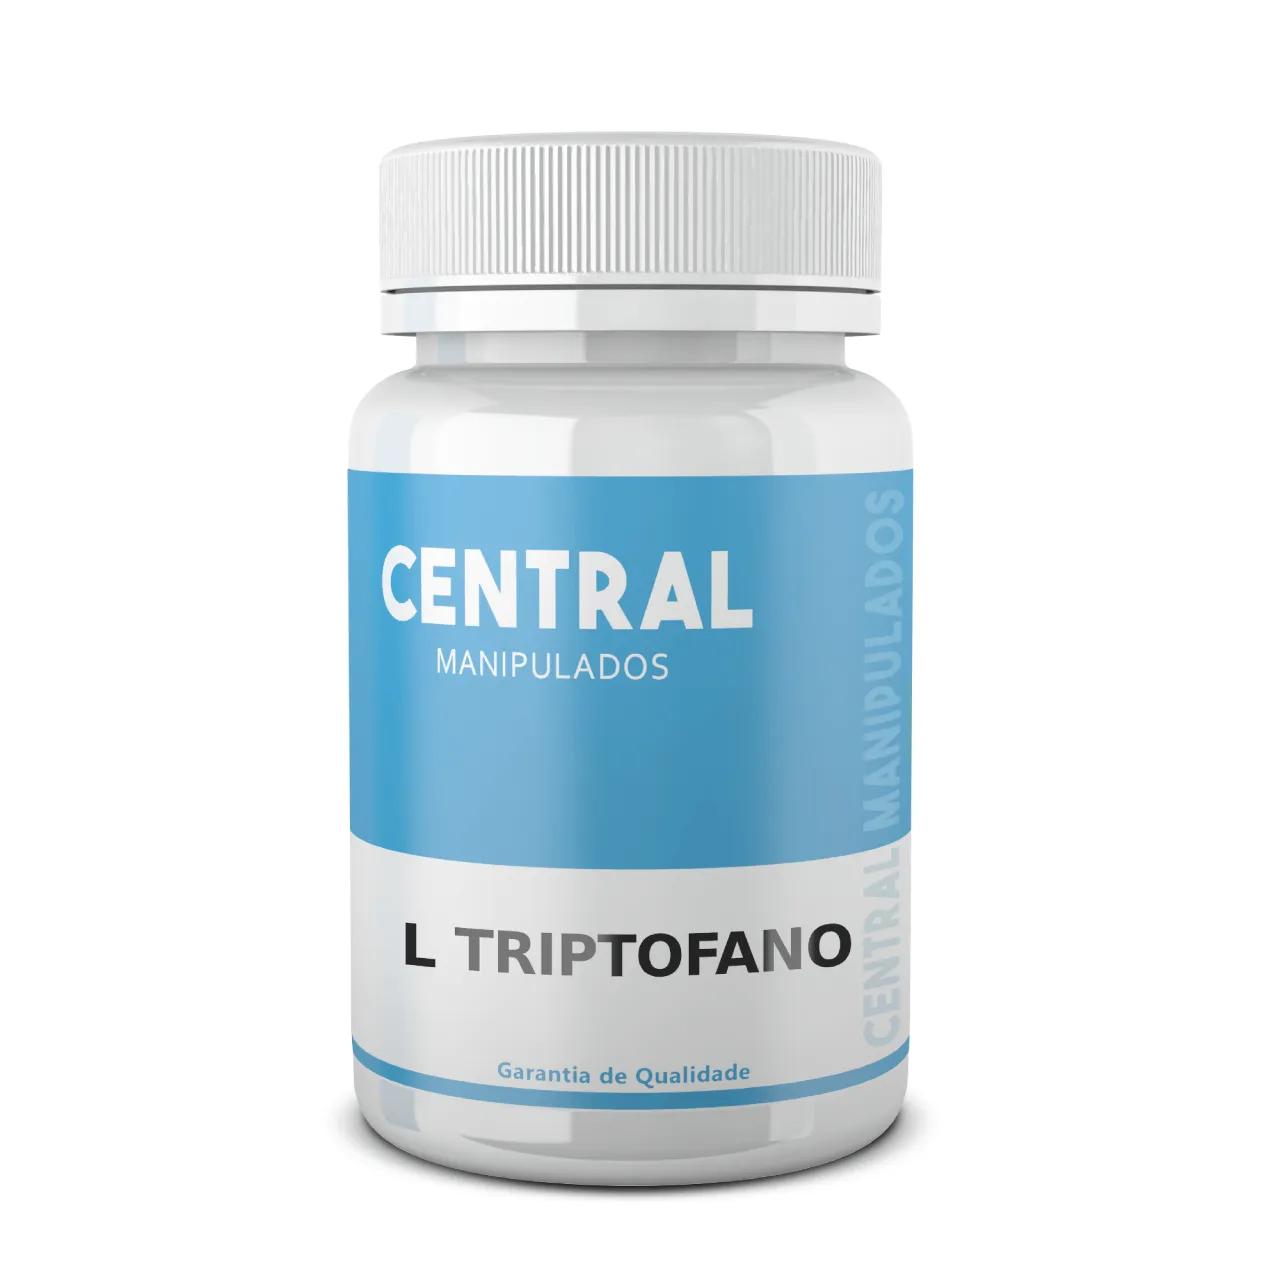 L-triptofano 250 mg 30 cápsulas -  tratamento do stress, depressão, distúrbios do sono e também hiperatividade